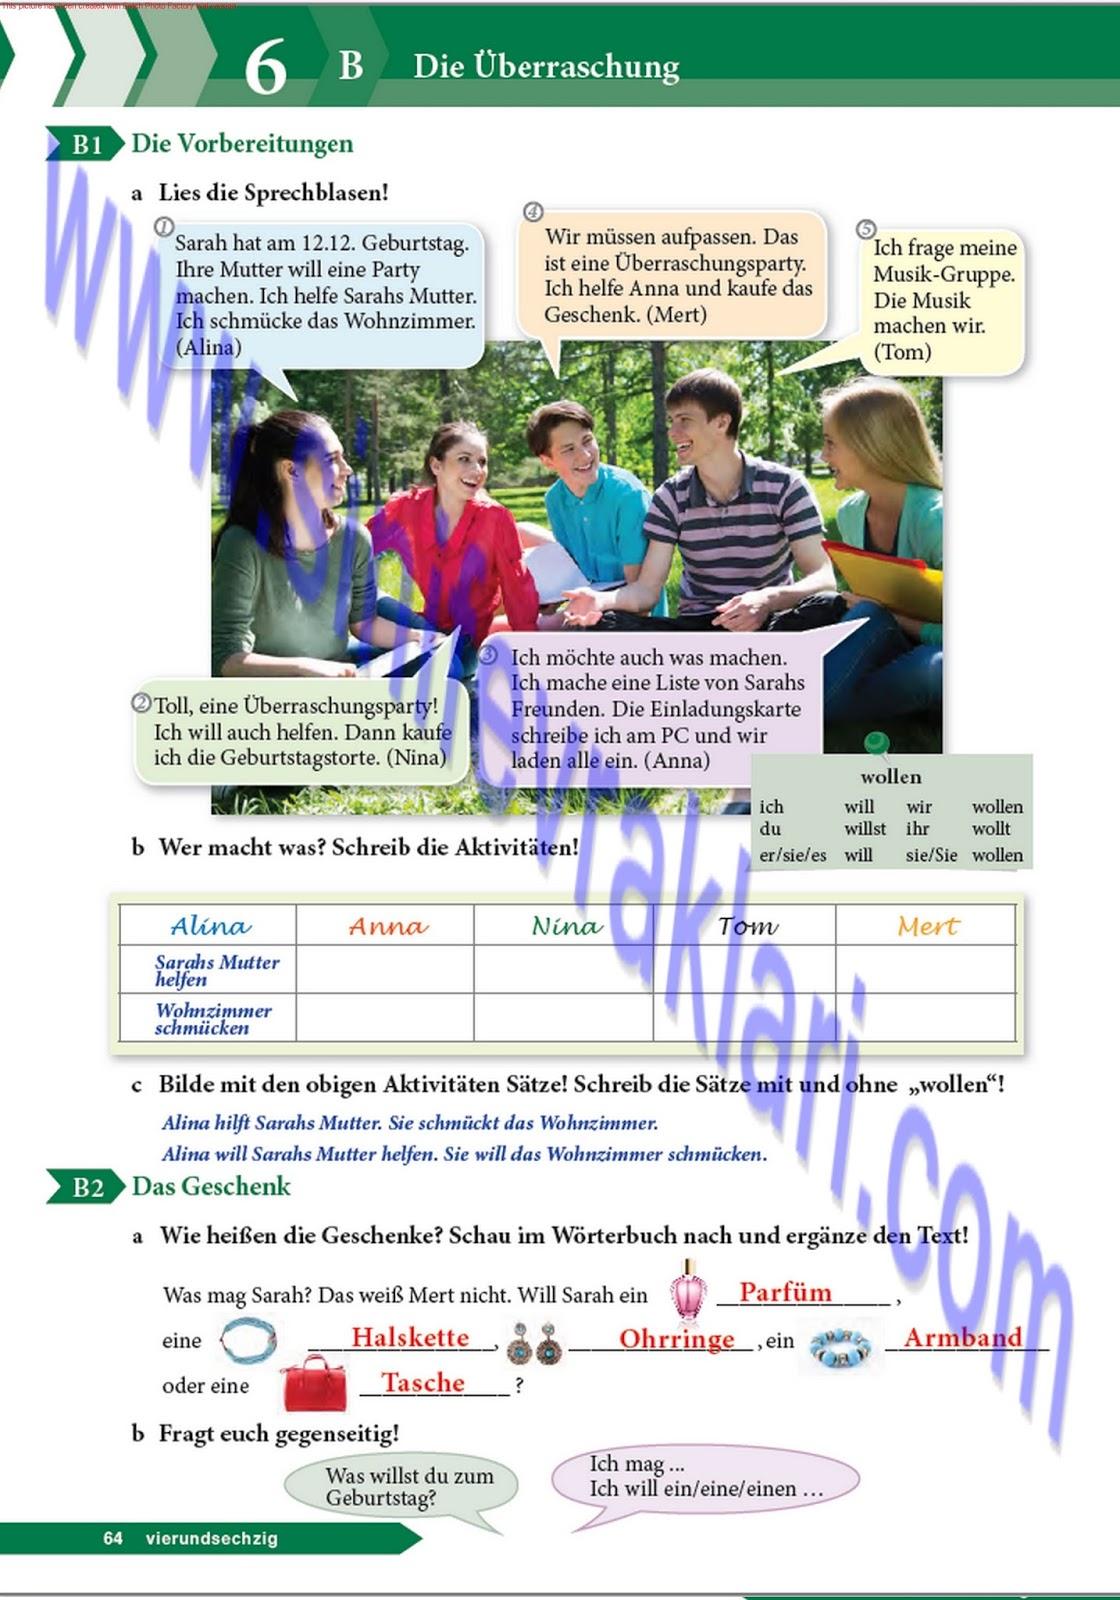 9 Sınıf Almanca A11 Ders Kitabı Cevapları Sayfa 64 Ders Kitabı